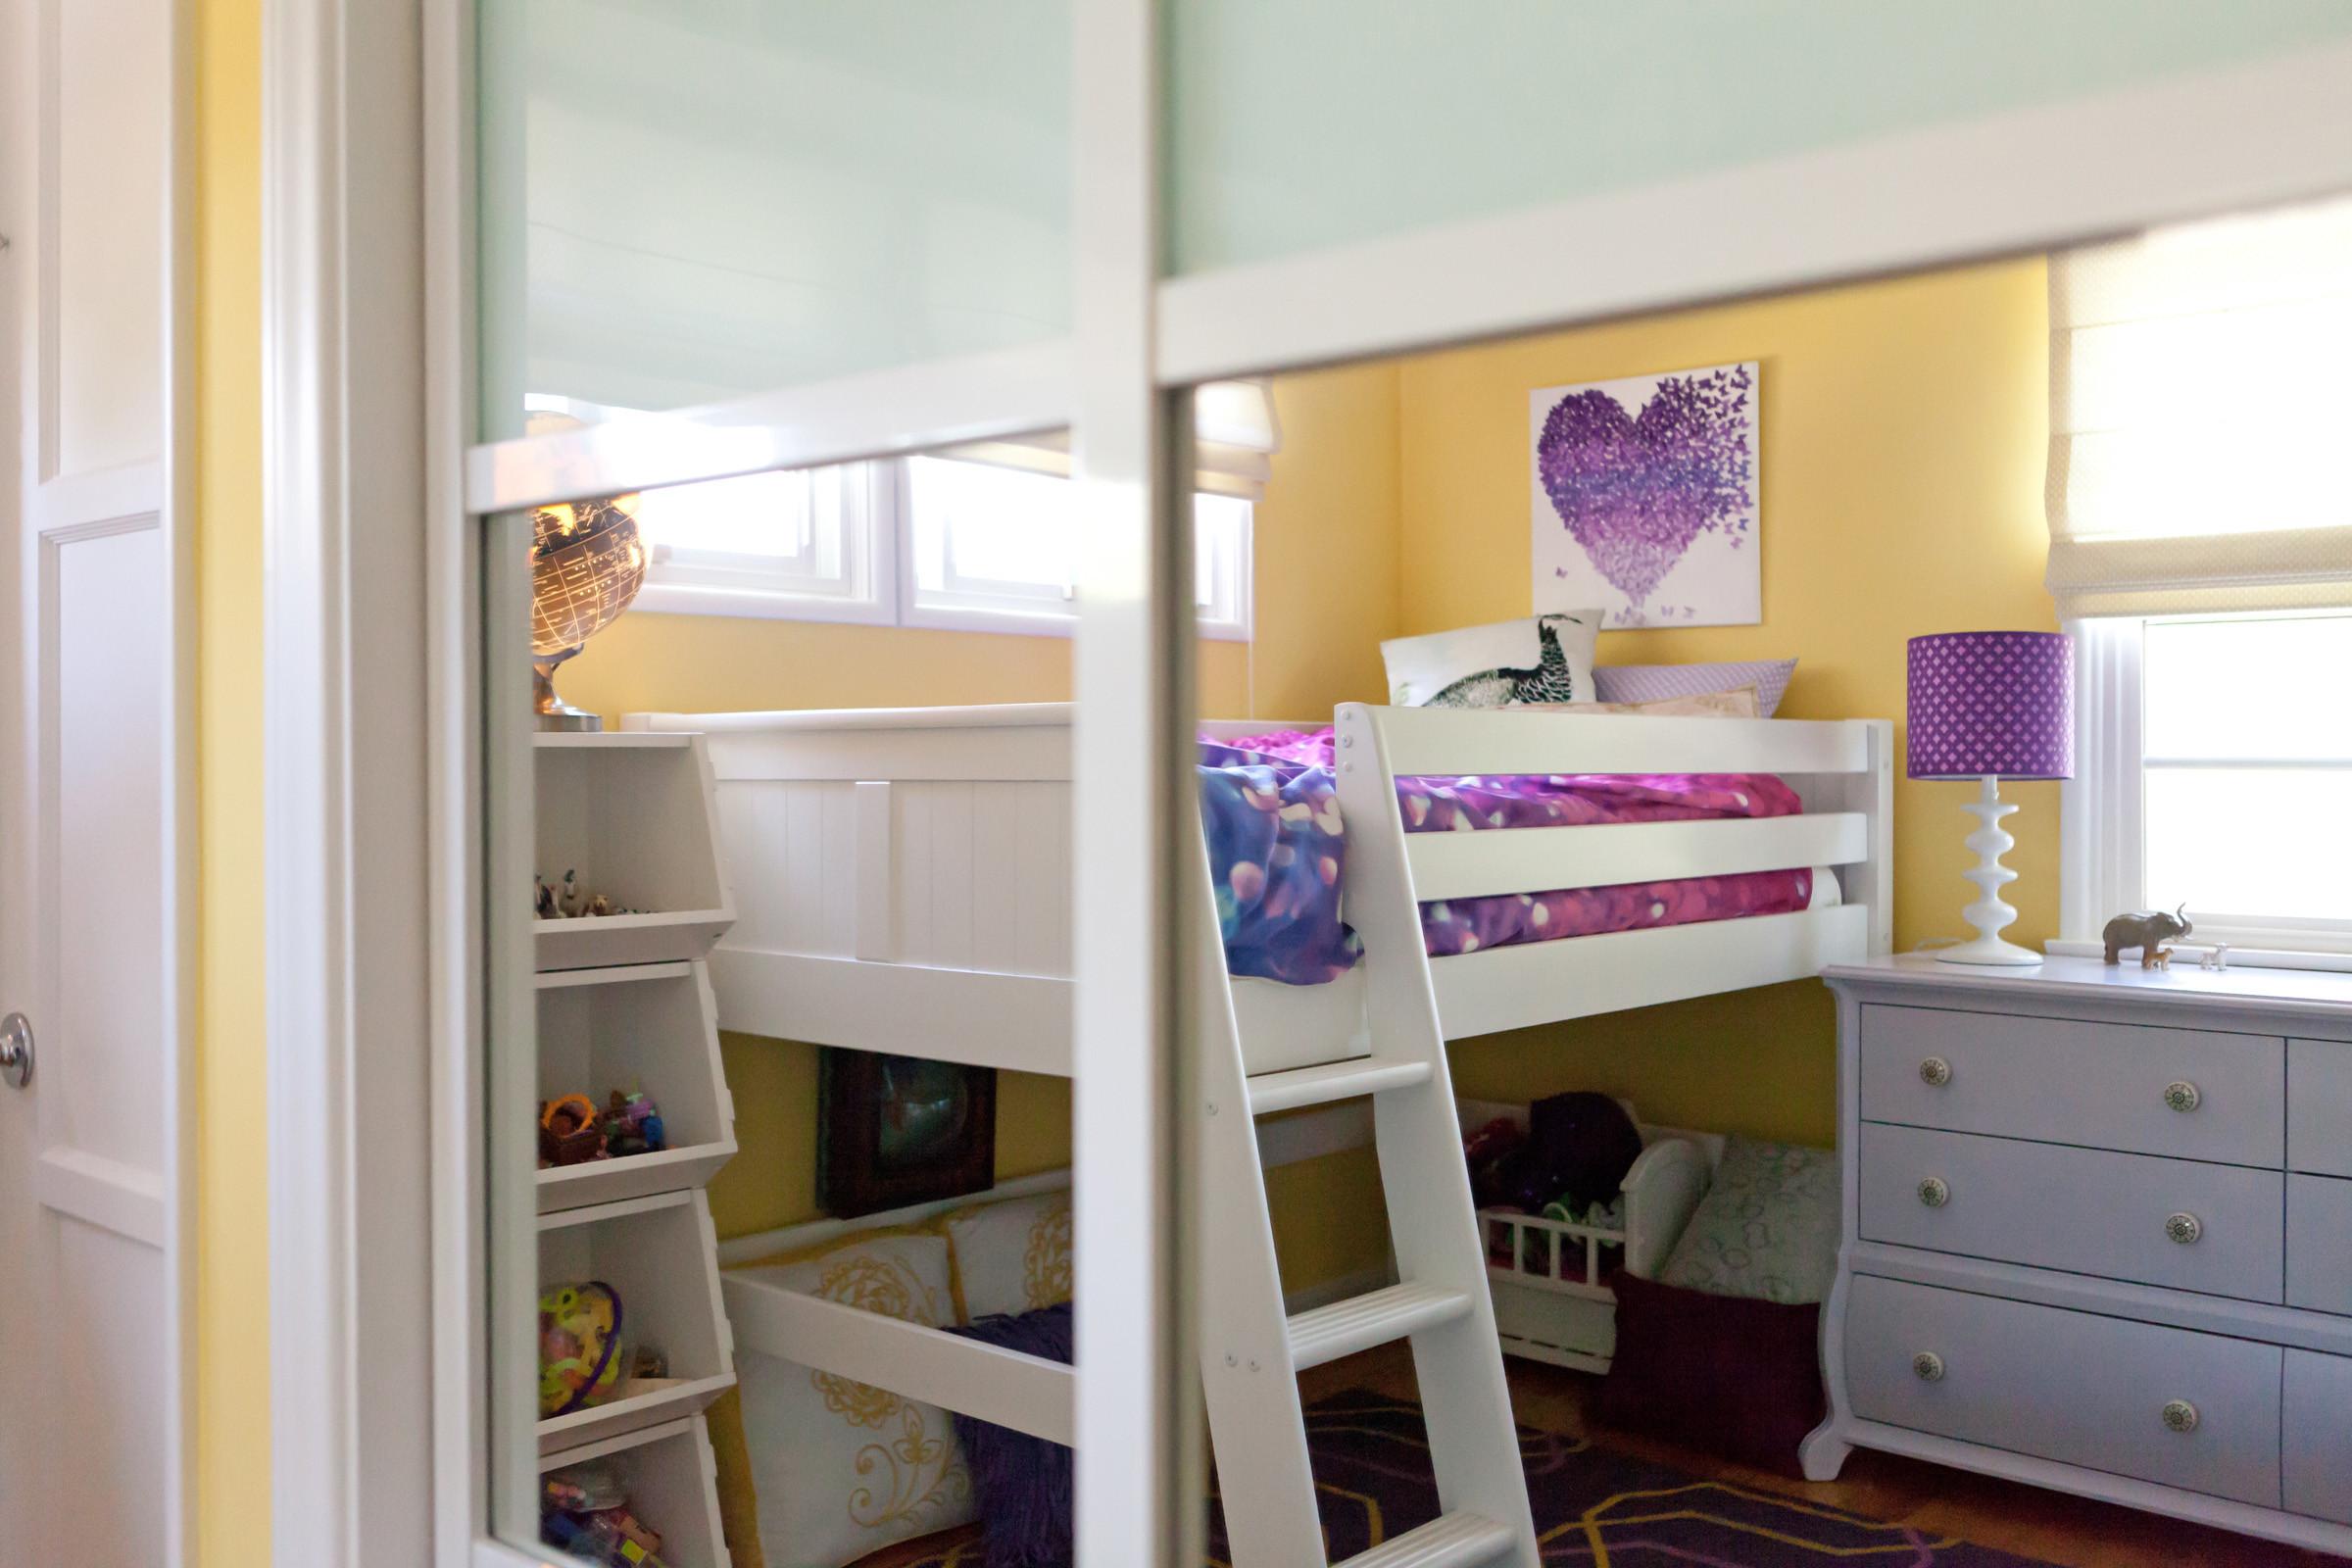 Studio City Girls Bedroom Remodel